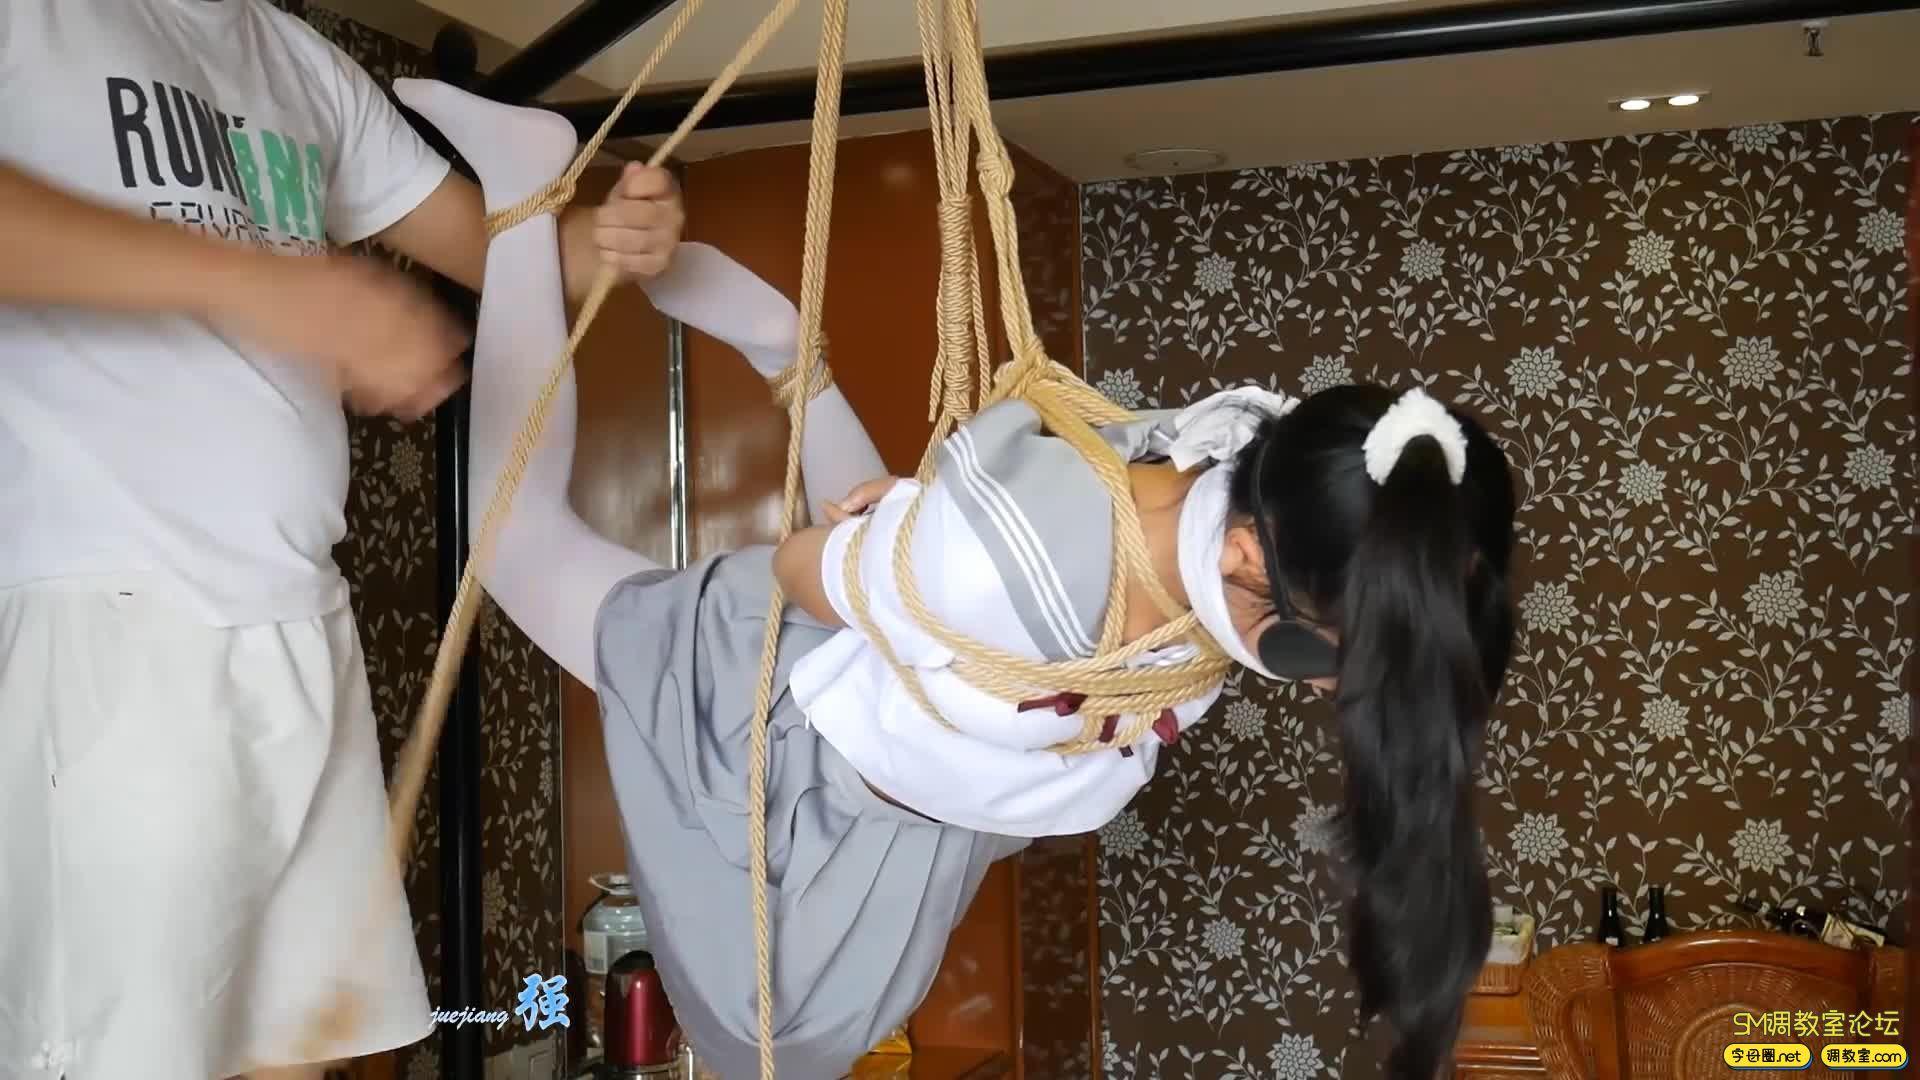 【小羽】 输了游戏可是要被吊起来的哦  白丝水手服吊缚-视频截图8